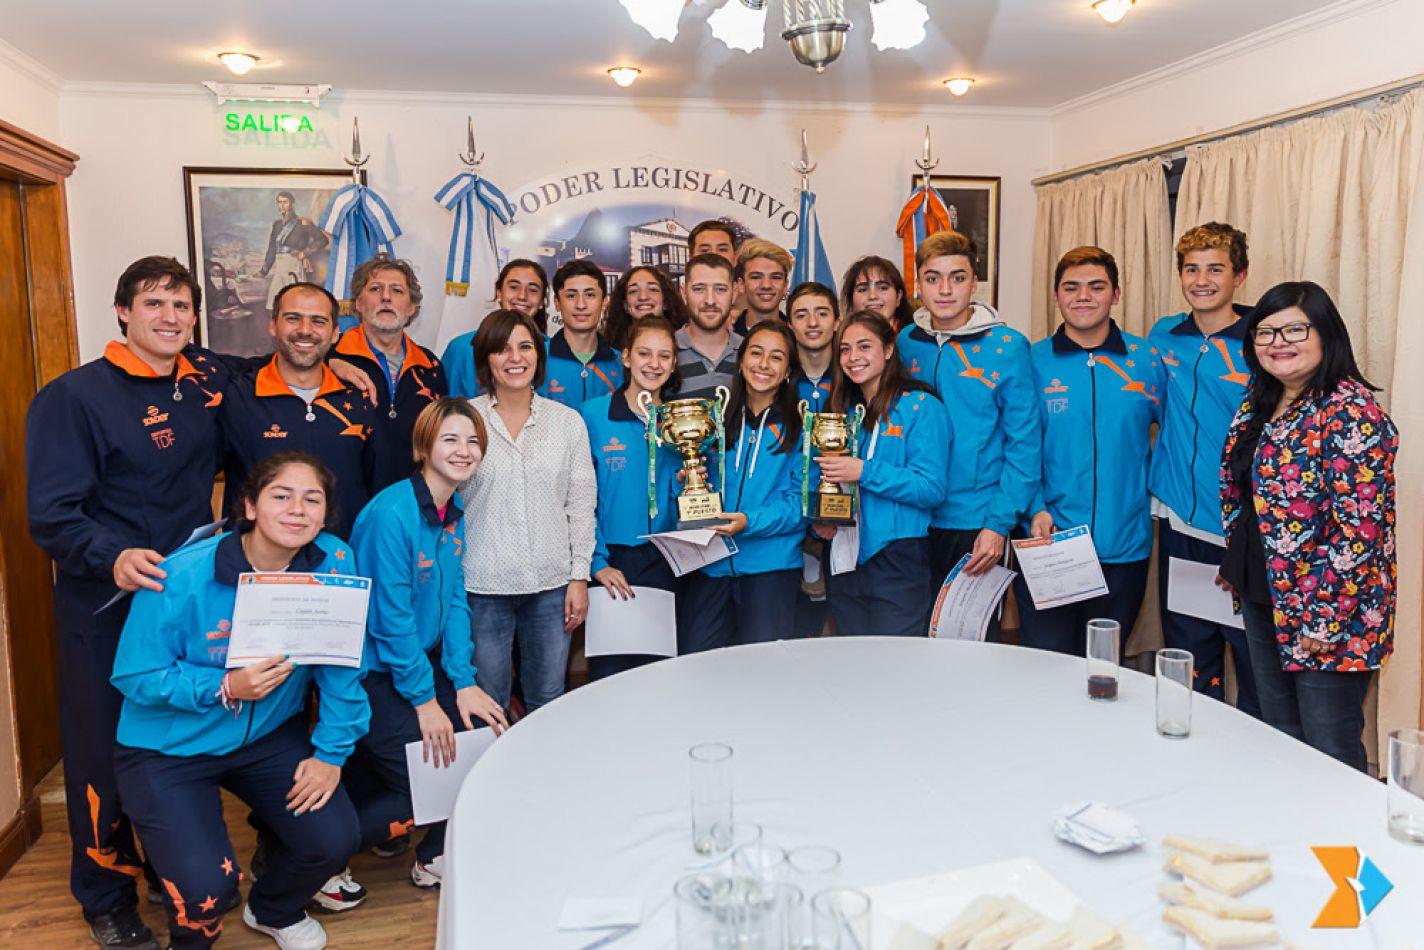 Los jóvenes deportistas lograron medallas de oro, plata y bronce en atletismo.